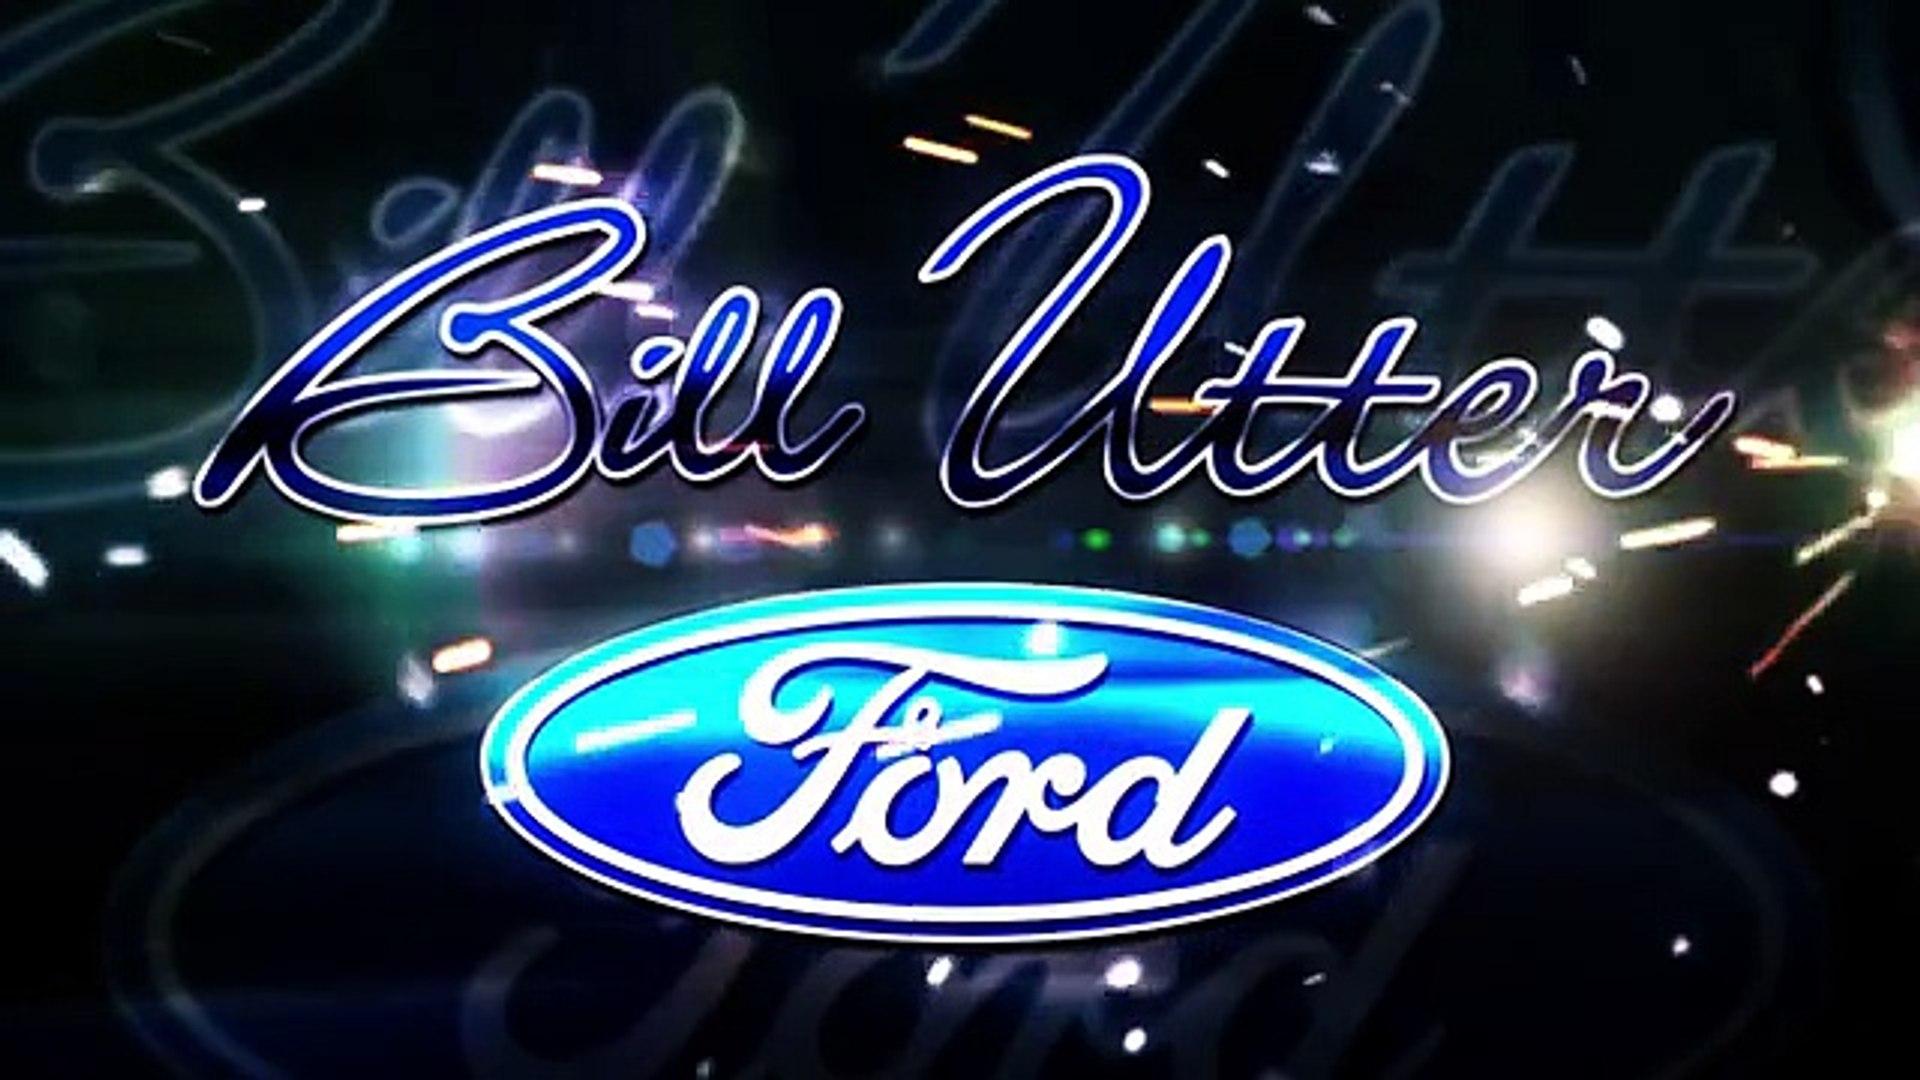 2017 Ford Flex Keller, TX | Ford Flex Keller, TX